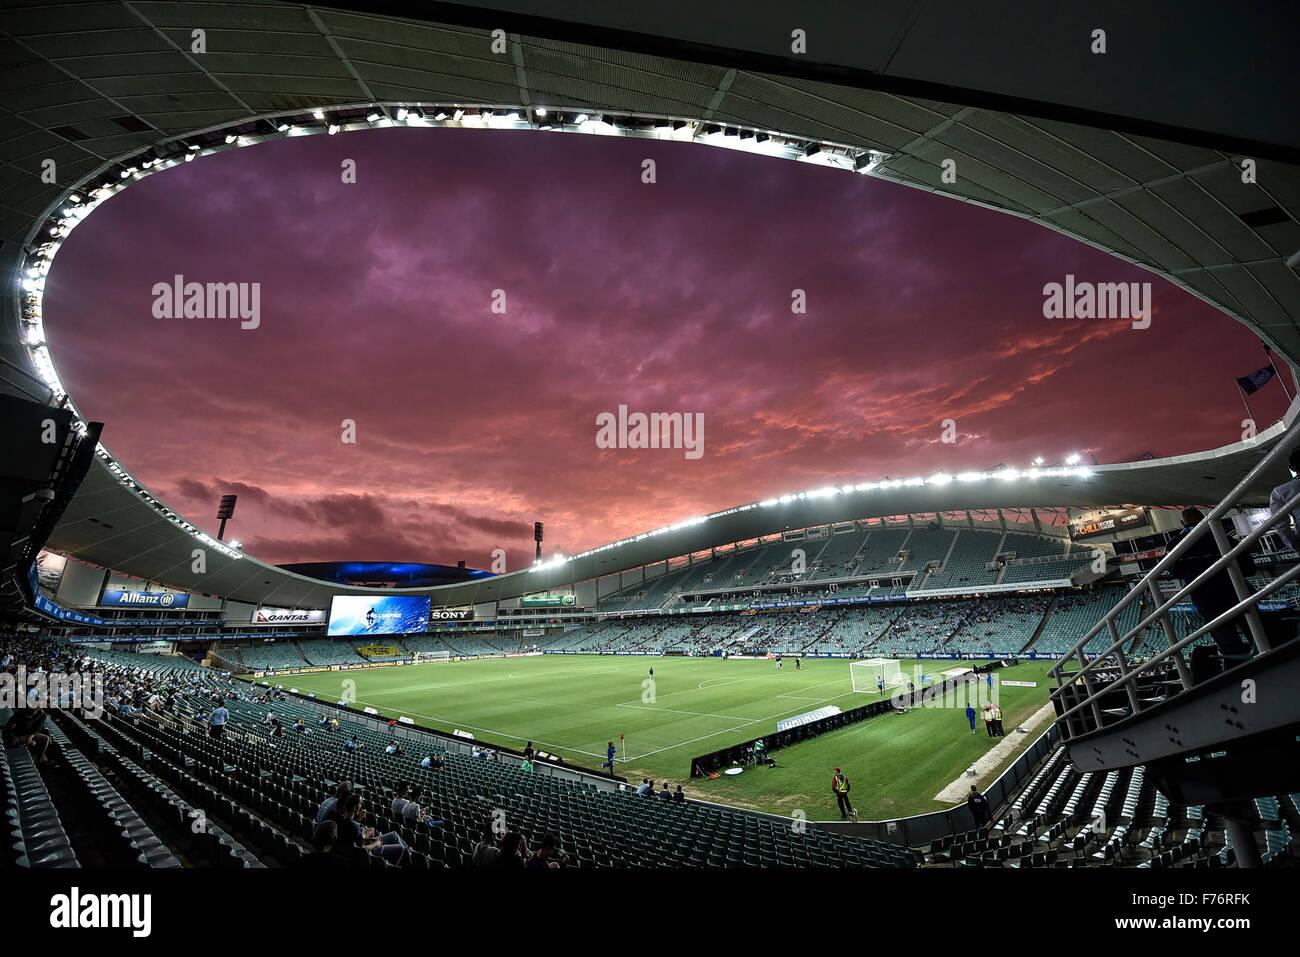 Lo Stadio Allianz, Sydney, Australia. 26 Novembre, 2015. Hyundai un-campionato. Sydney rispetto a Wellington Phoenix. Immagini Stock